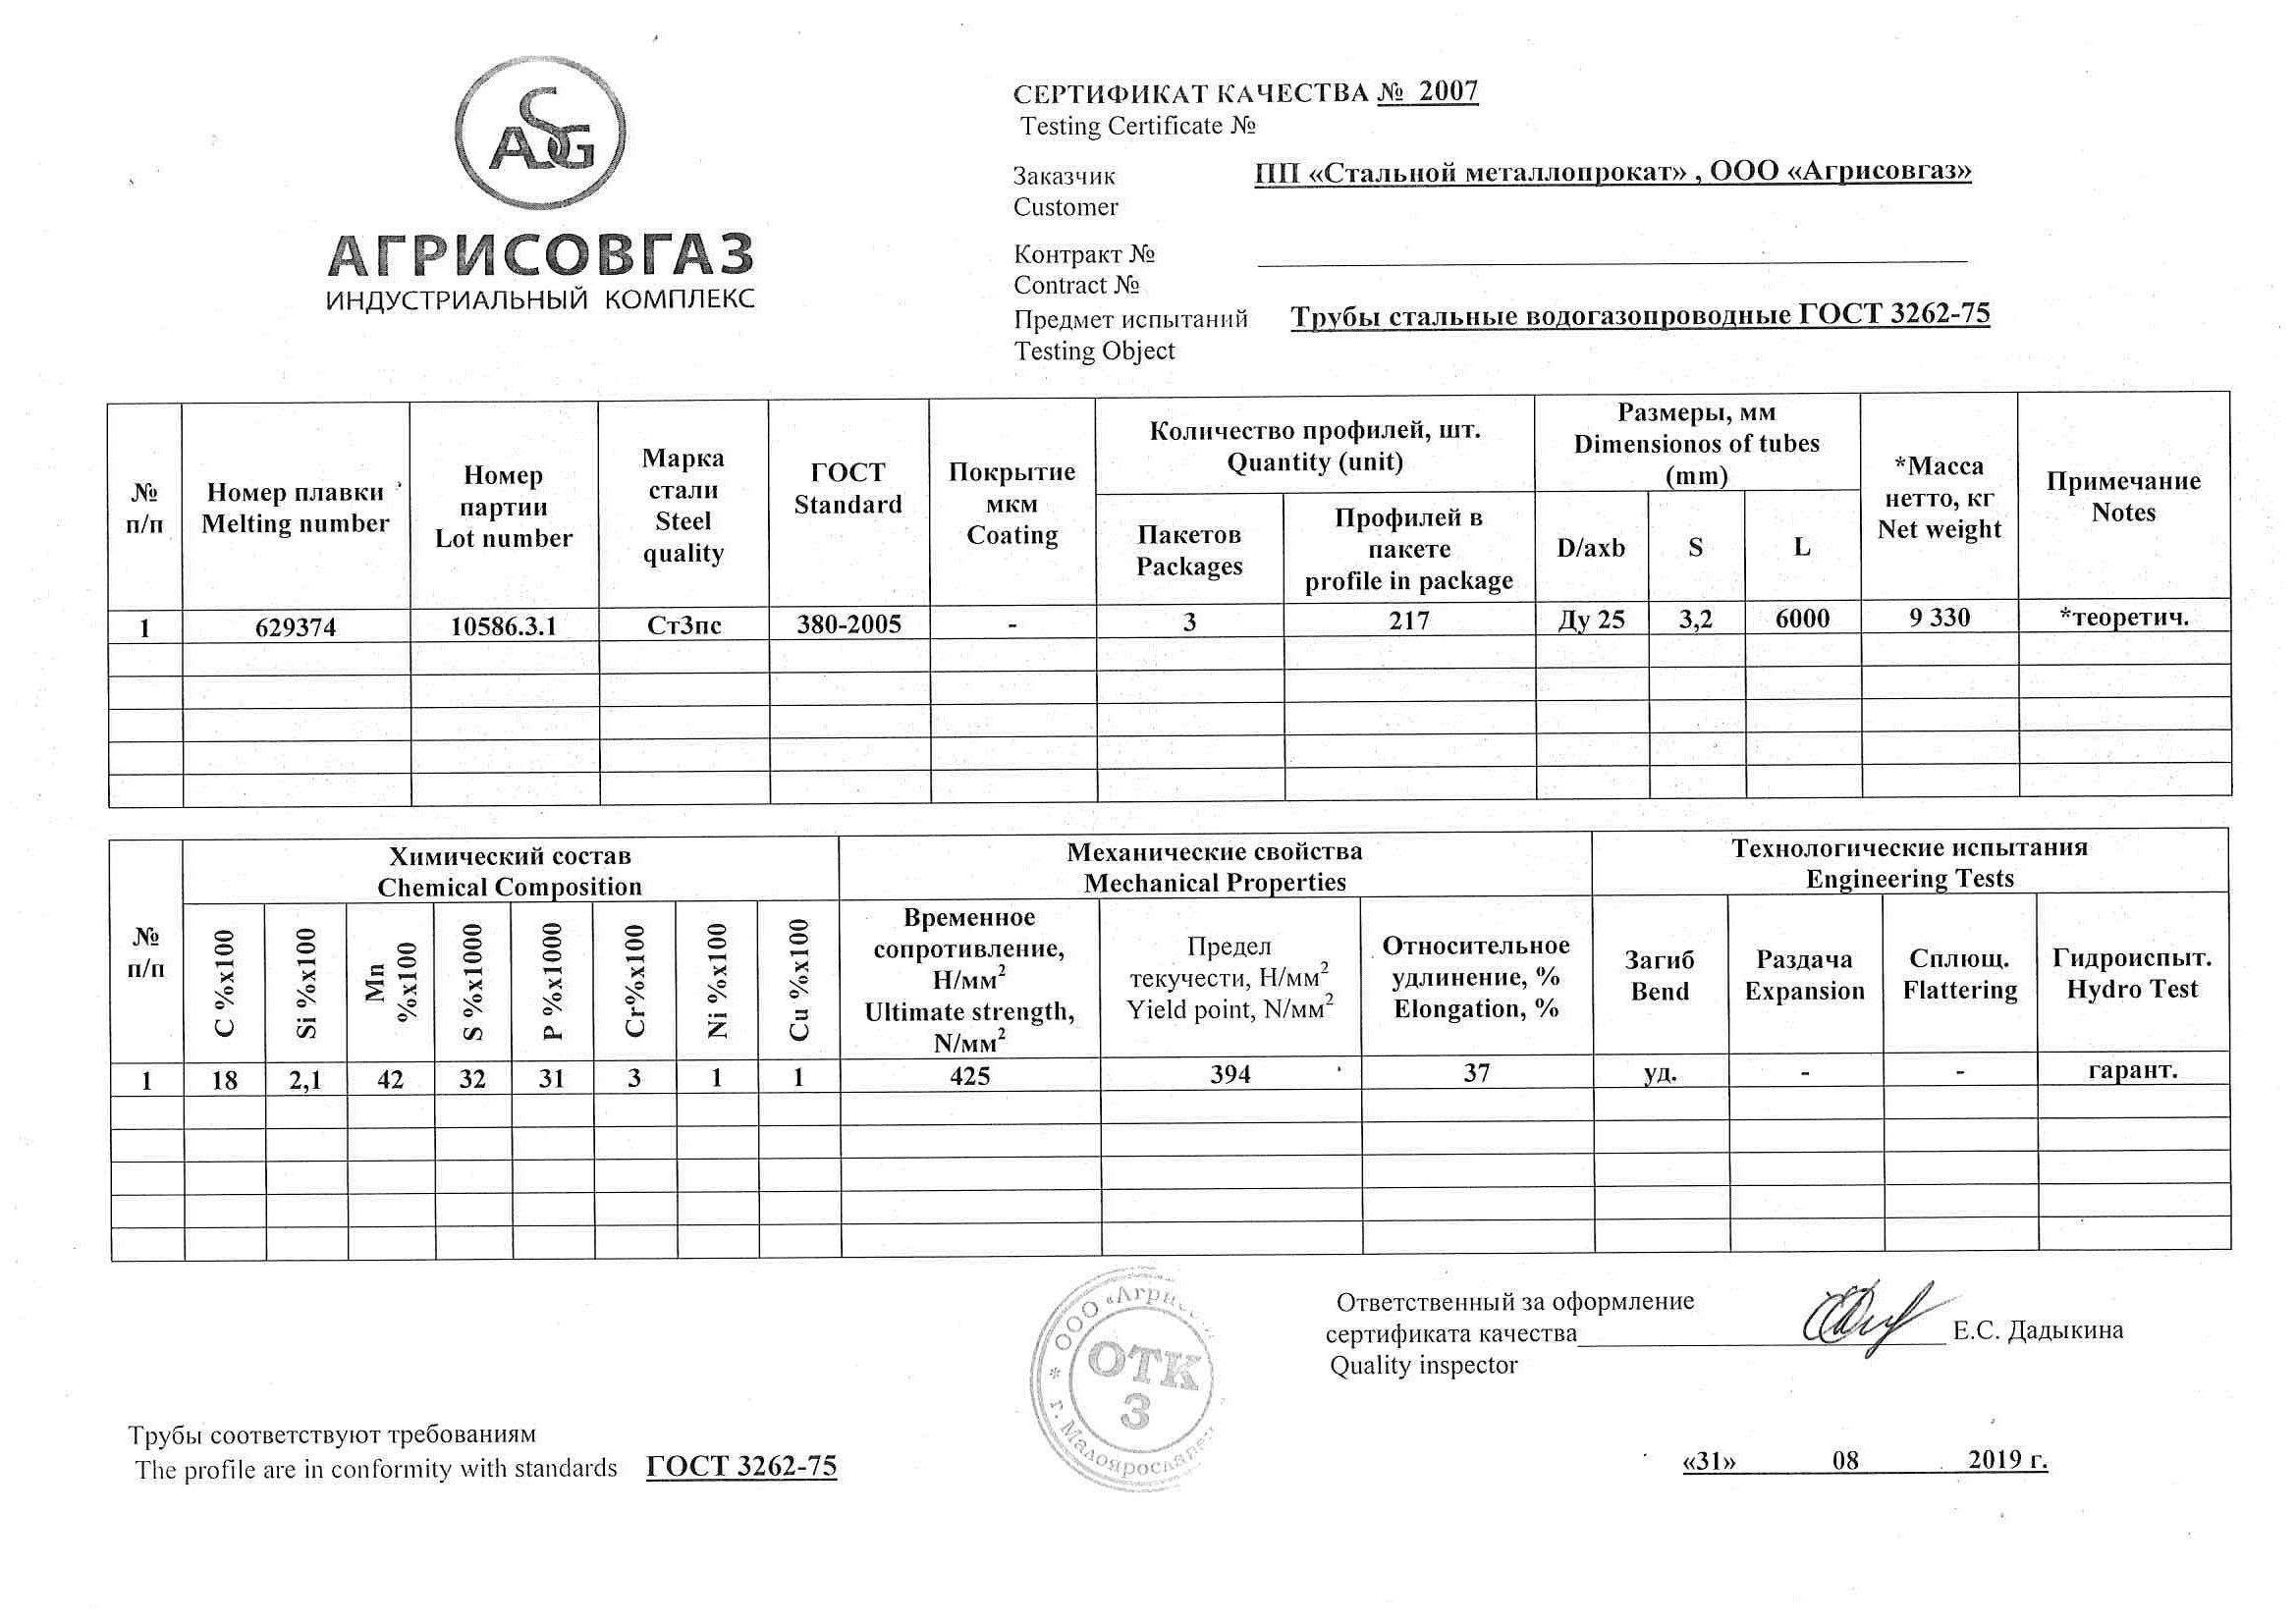 Труба вгп 25x3.2 сертификат